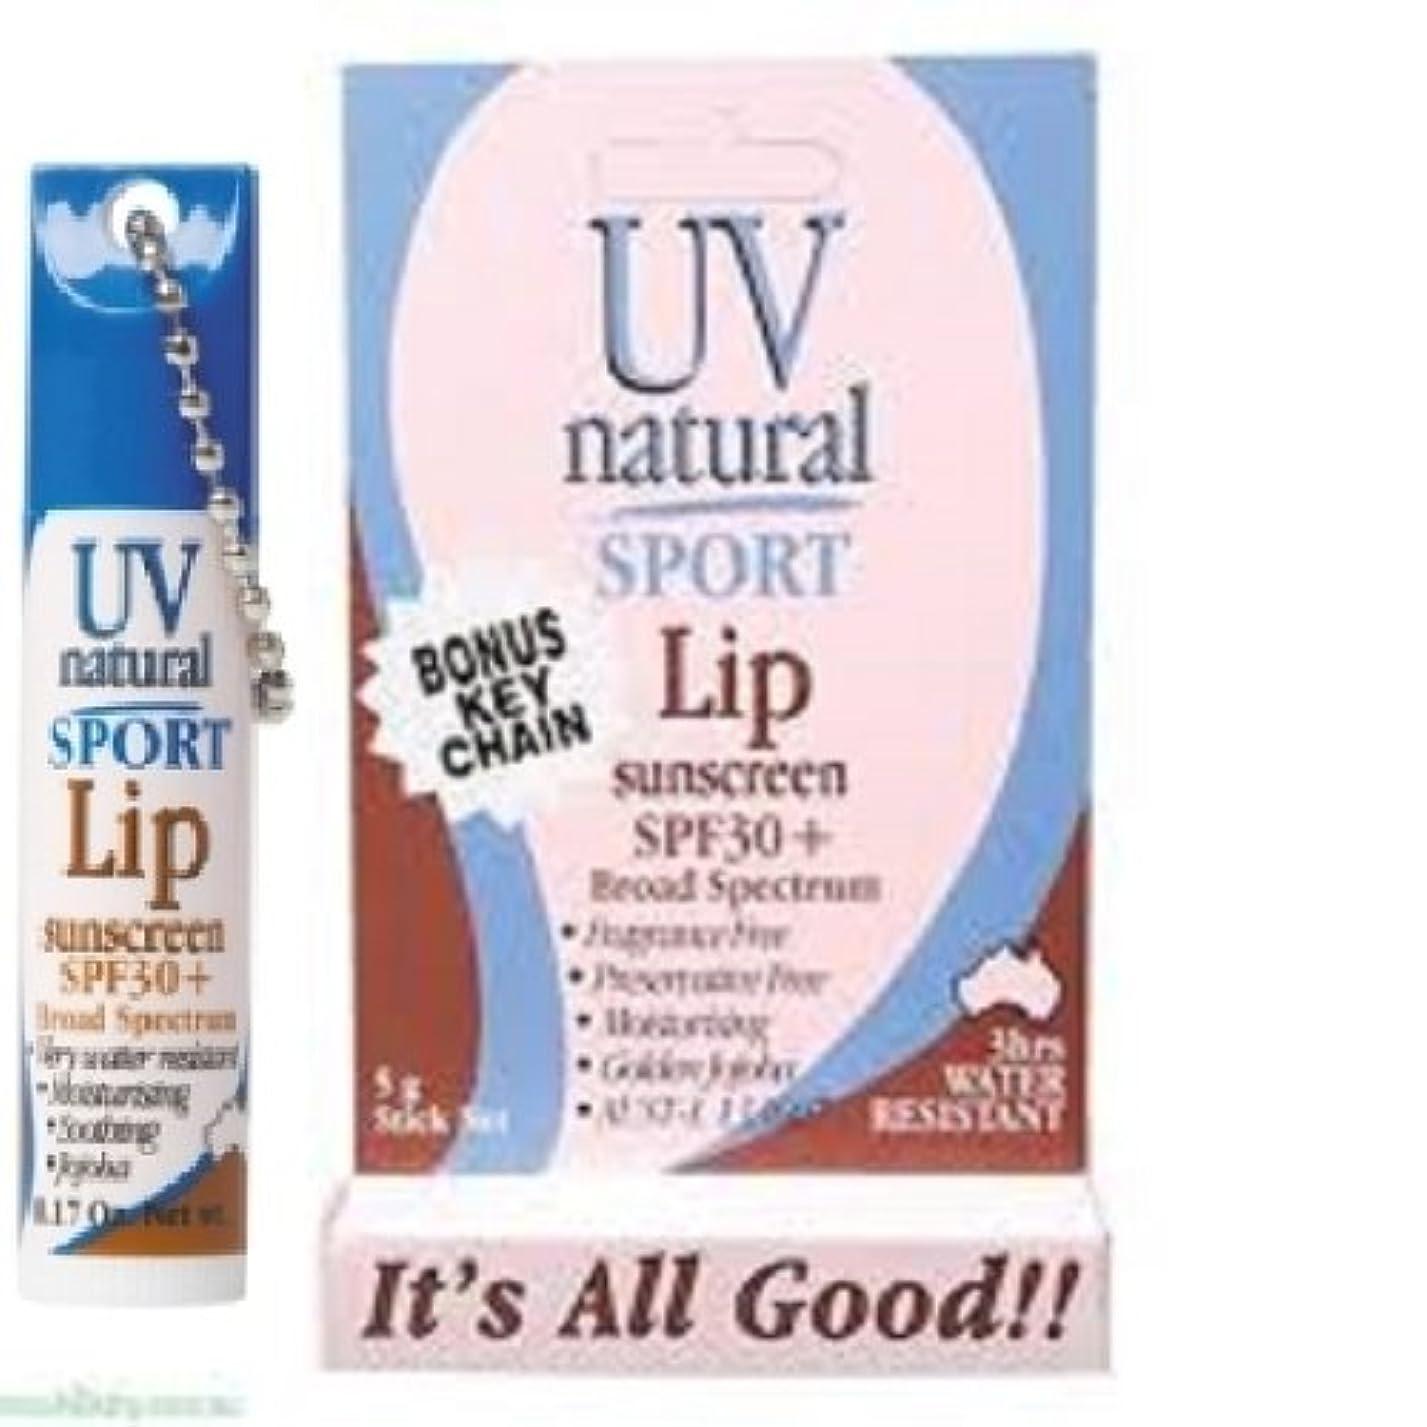 急行する雄弁なリングバック【UV NATURAL】Lip Sunscreen 日焼け止め Sport SPF30+ 5g 3本セット